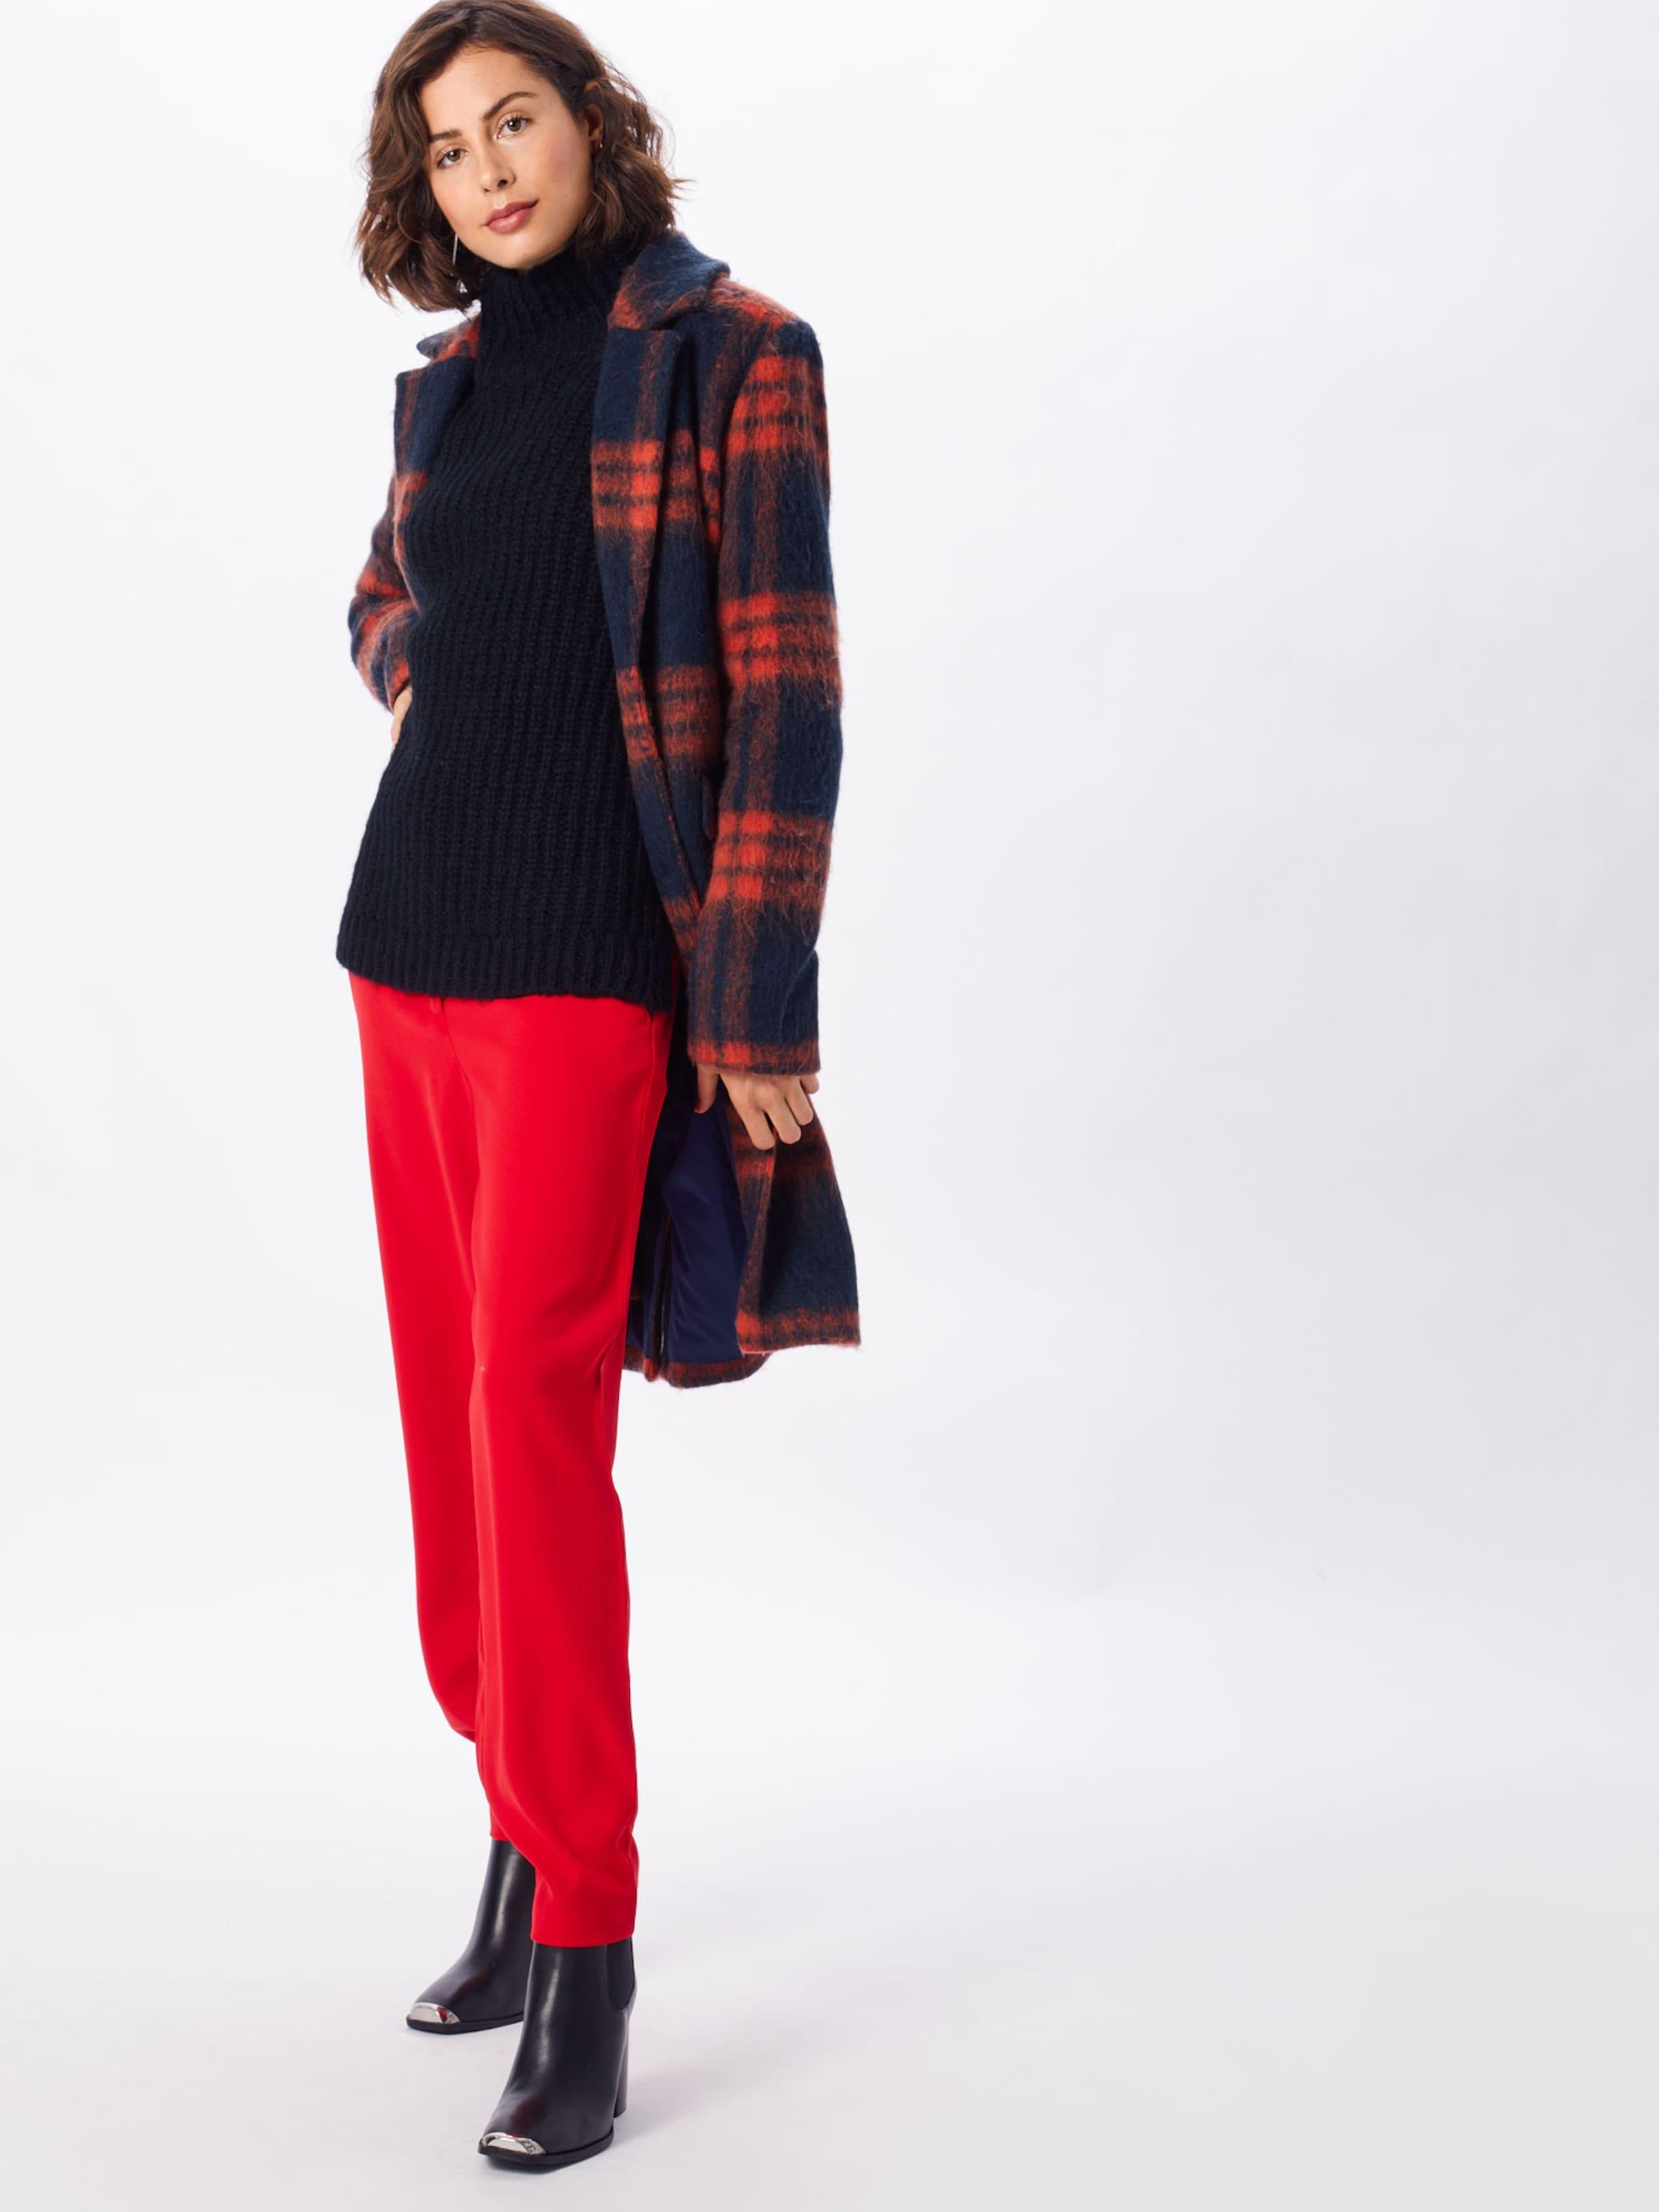 Bazaar 'hailey Schwarz Nancy' Pullover In Bruuns XTOPZuki